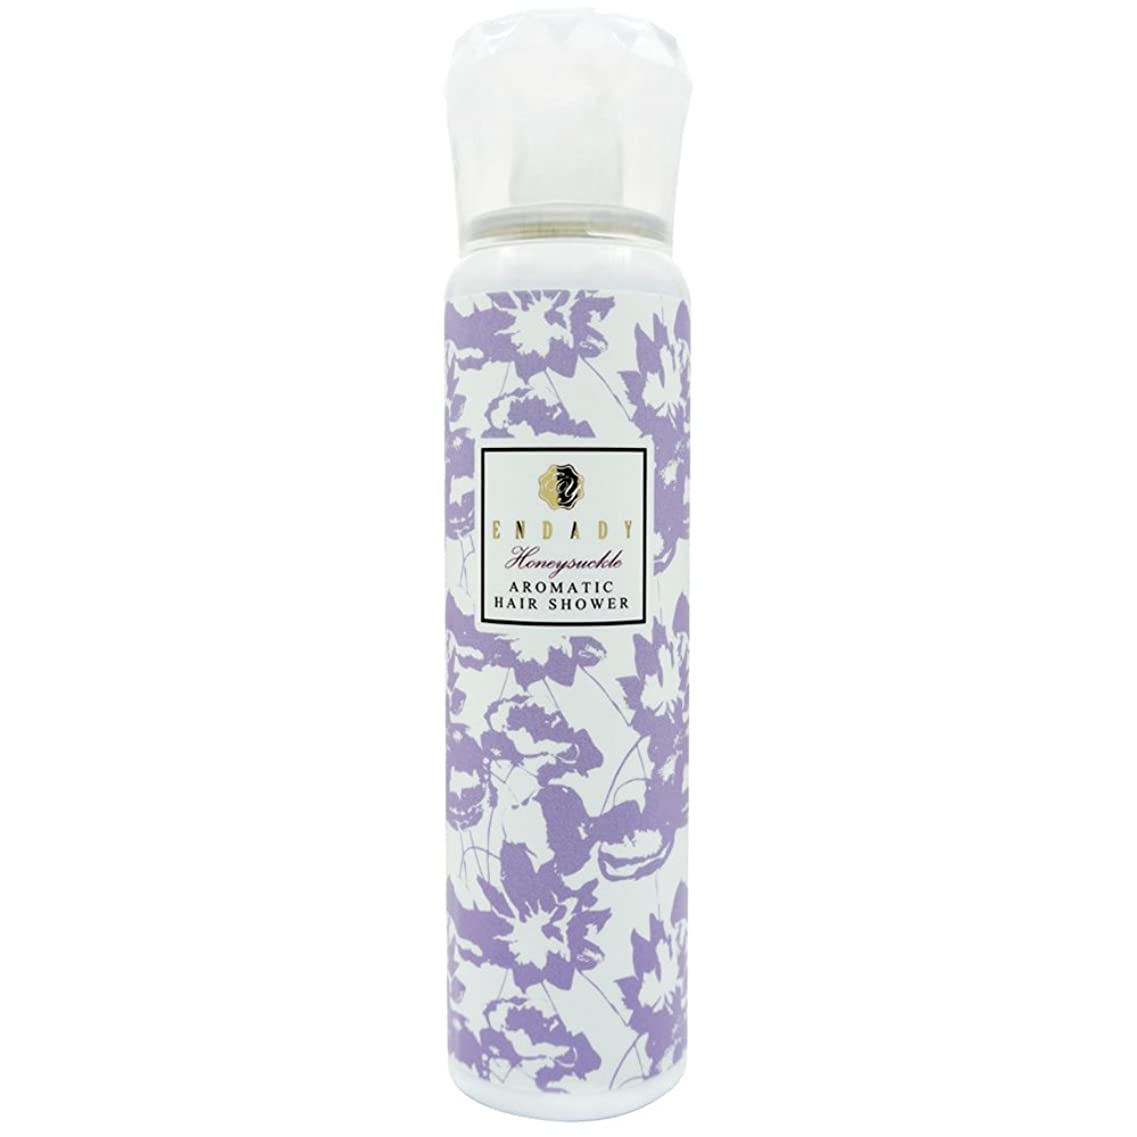 信頼性年齢格差エンダディ アロマティック ヘアシャワー 〈ハニーサックルの香り〉 (90g)